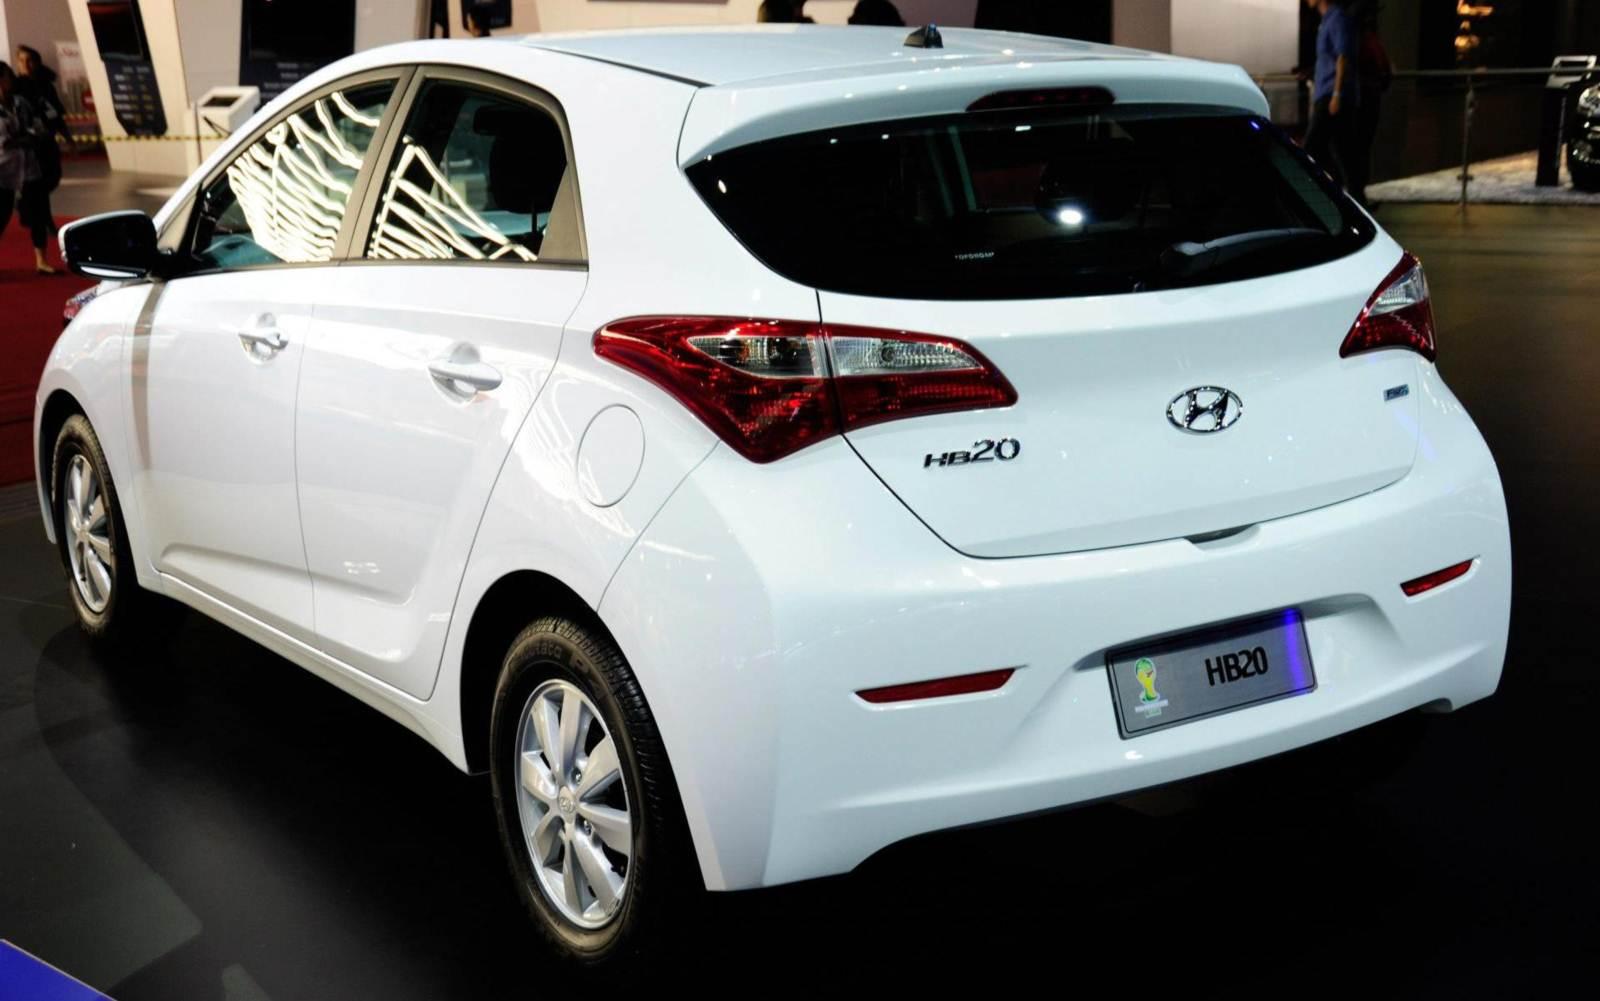 Foto E Preco Do Novo Carro Hyundai HB20